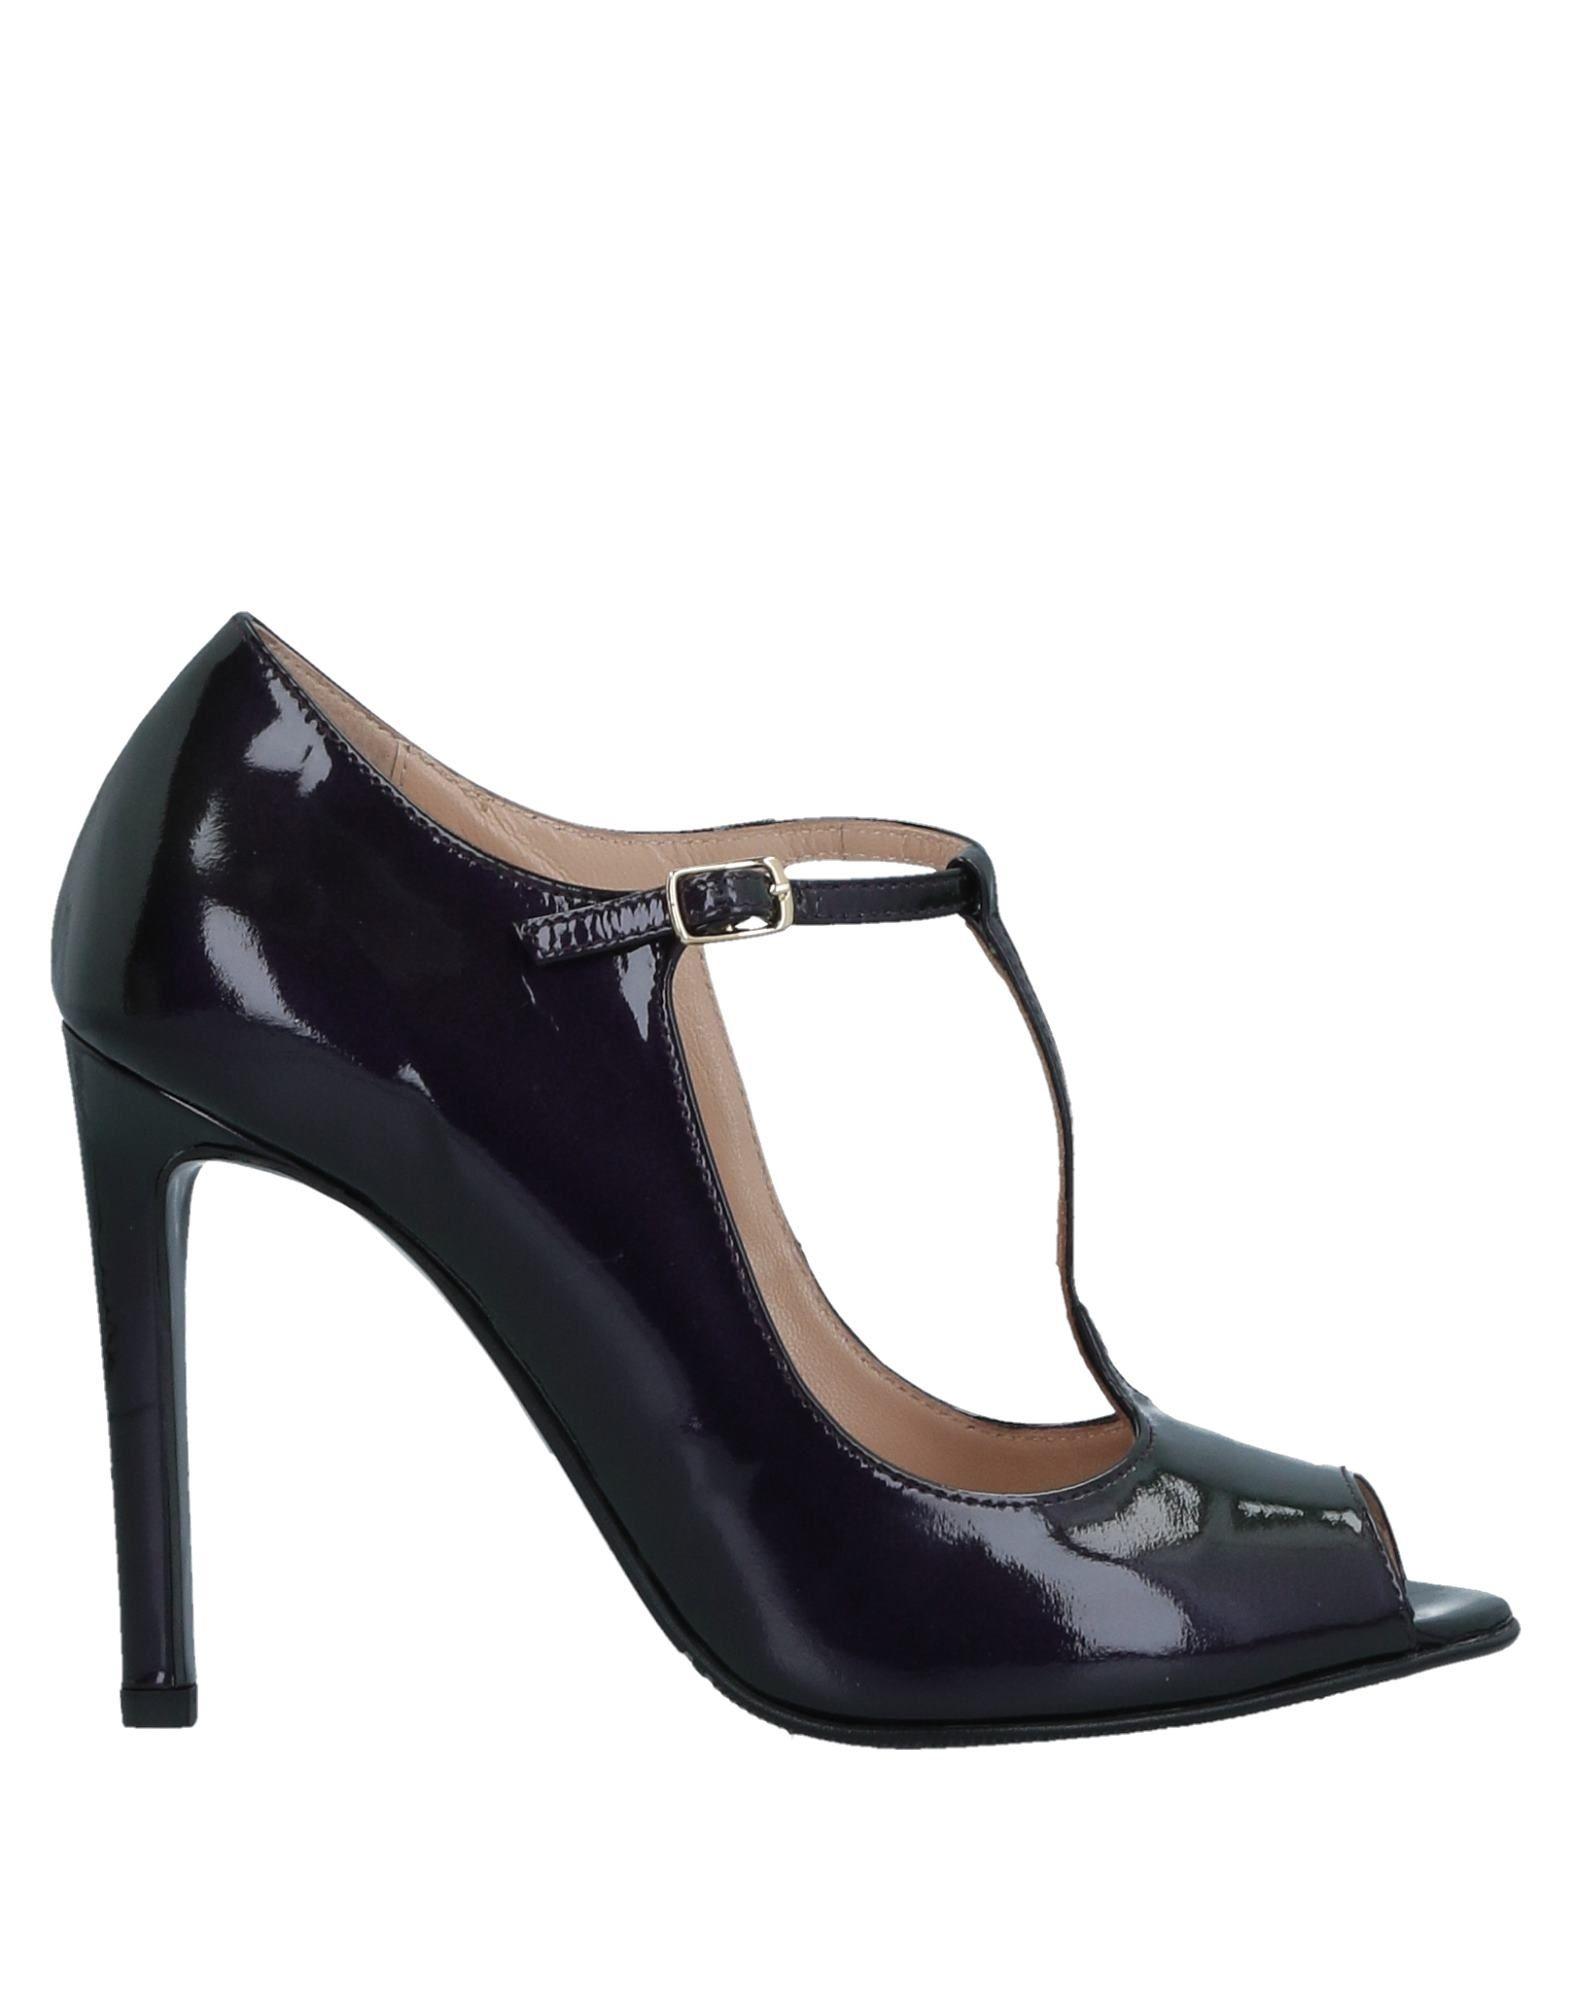 Sneakers Santoni Uomo - 11409856BK Scarpe economiche e buone